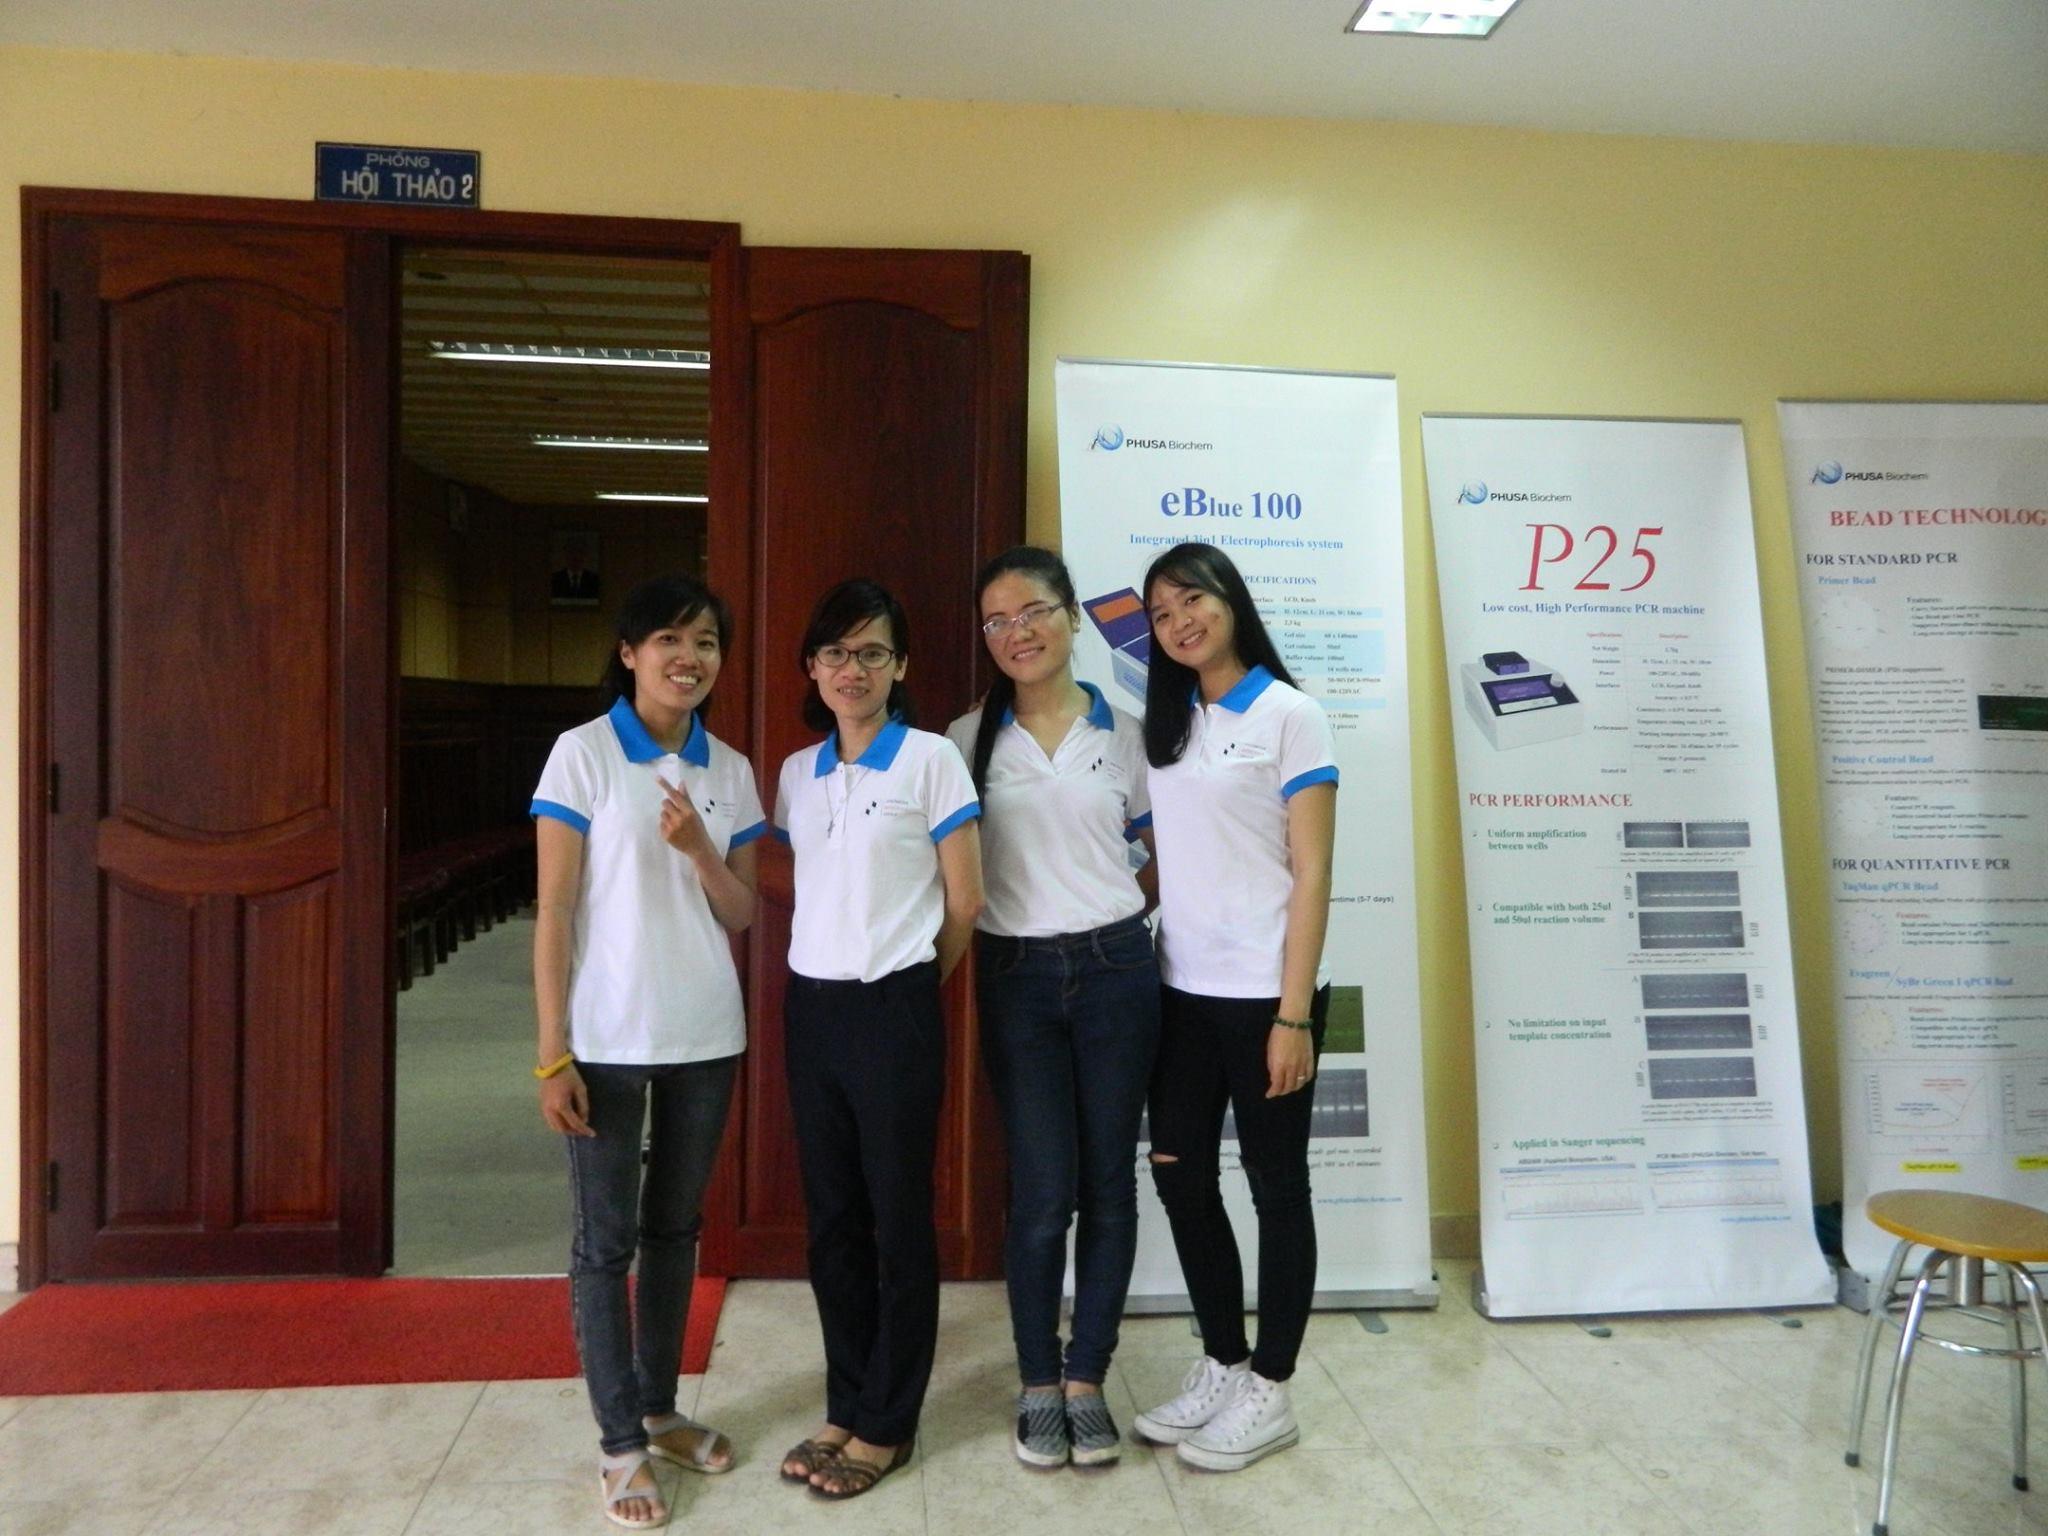 Đồng phục chính thức của IBSG